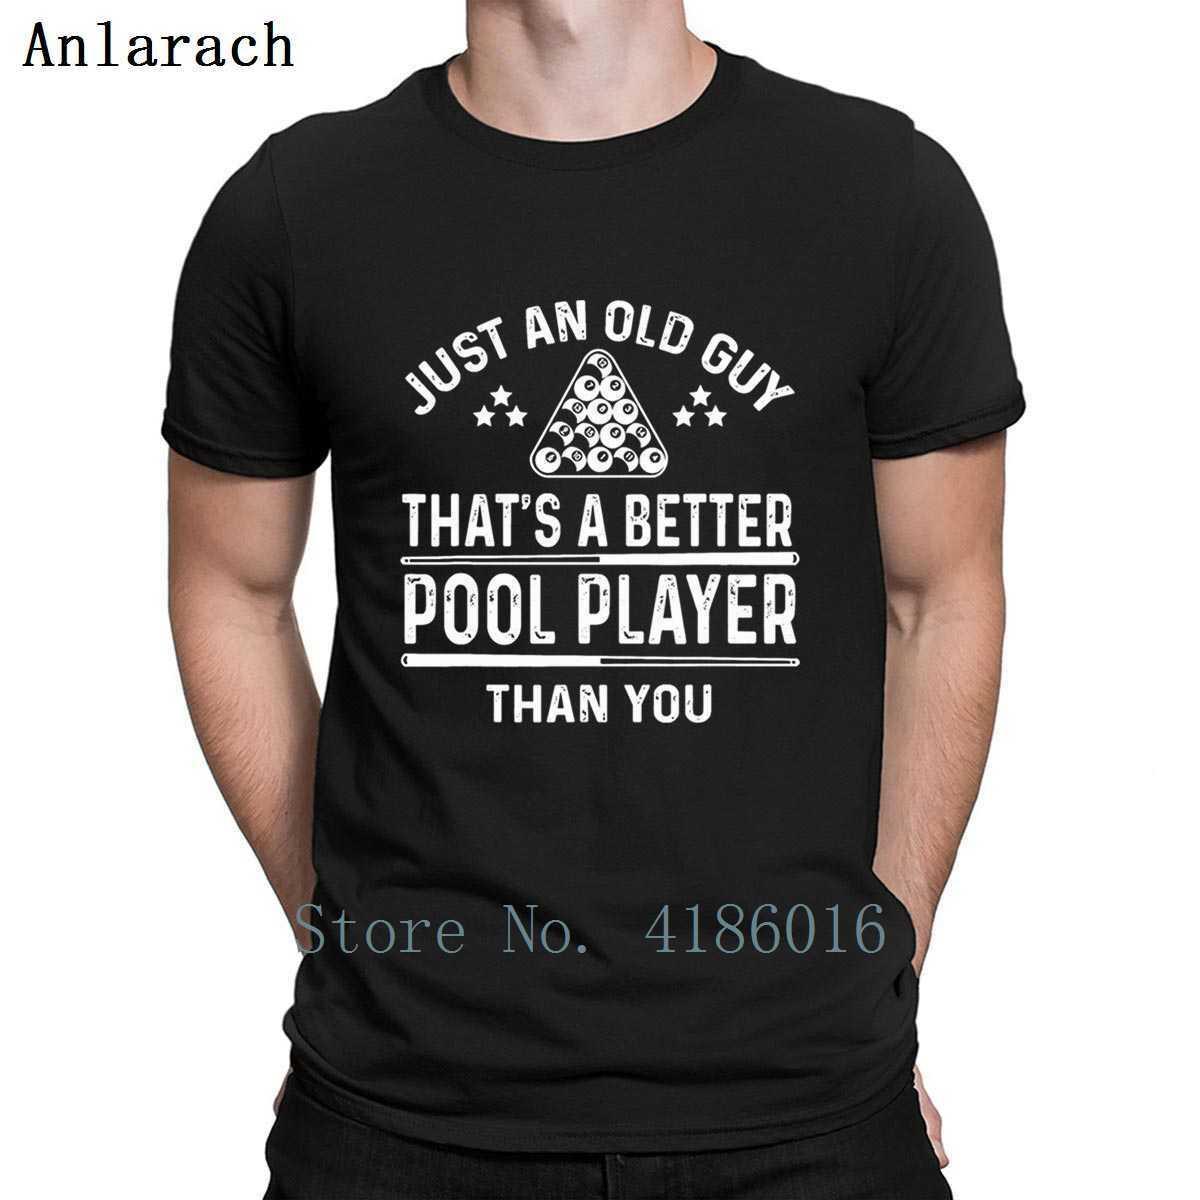 Basta Vecchio ragazzo migliore Pool Player Than You Camicia di T Shirt personalizzata divertente estate casuale Lettere Fit O-Collo Slim Shirt